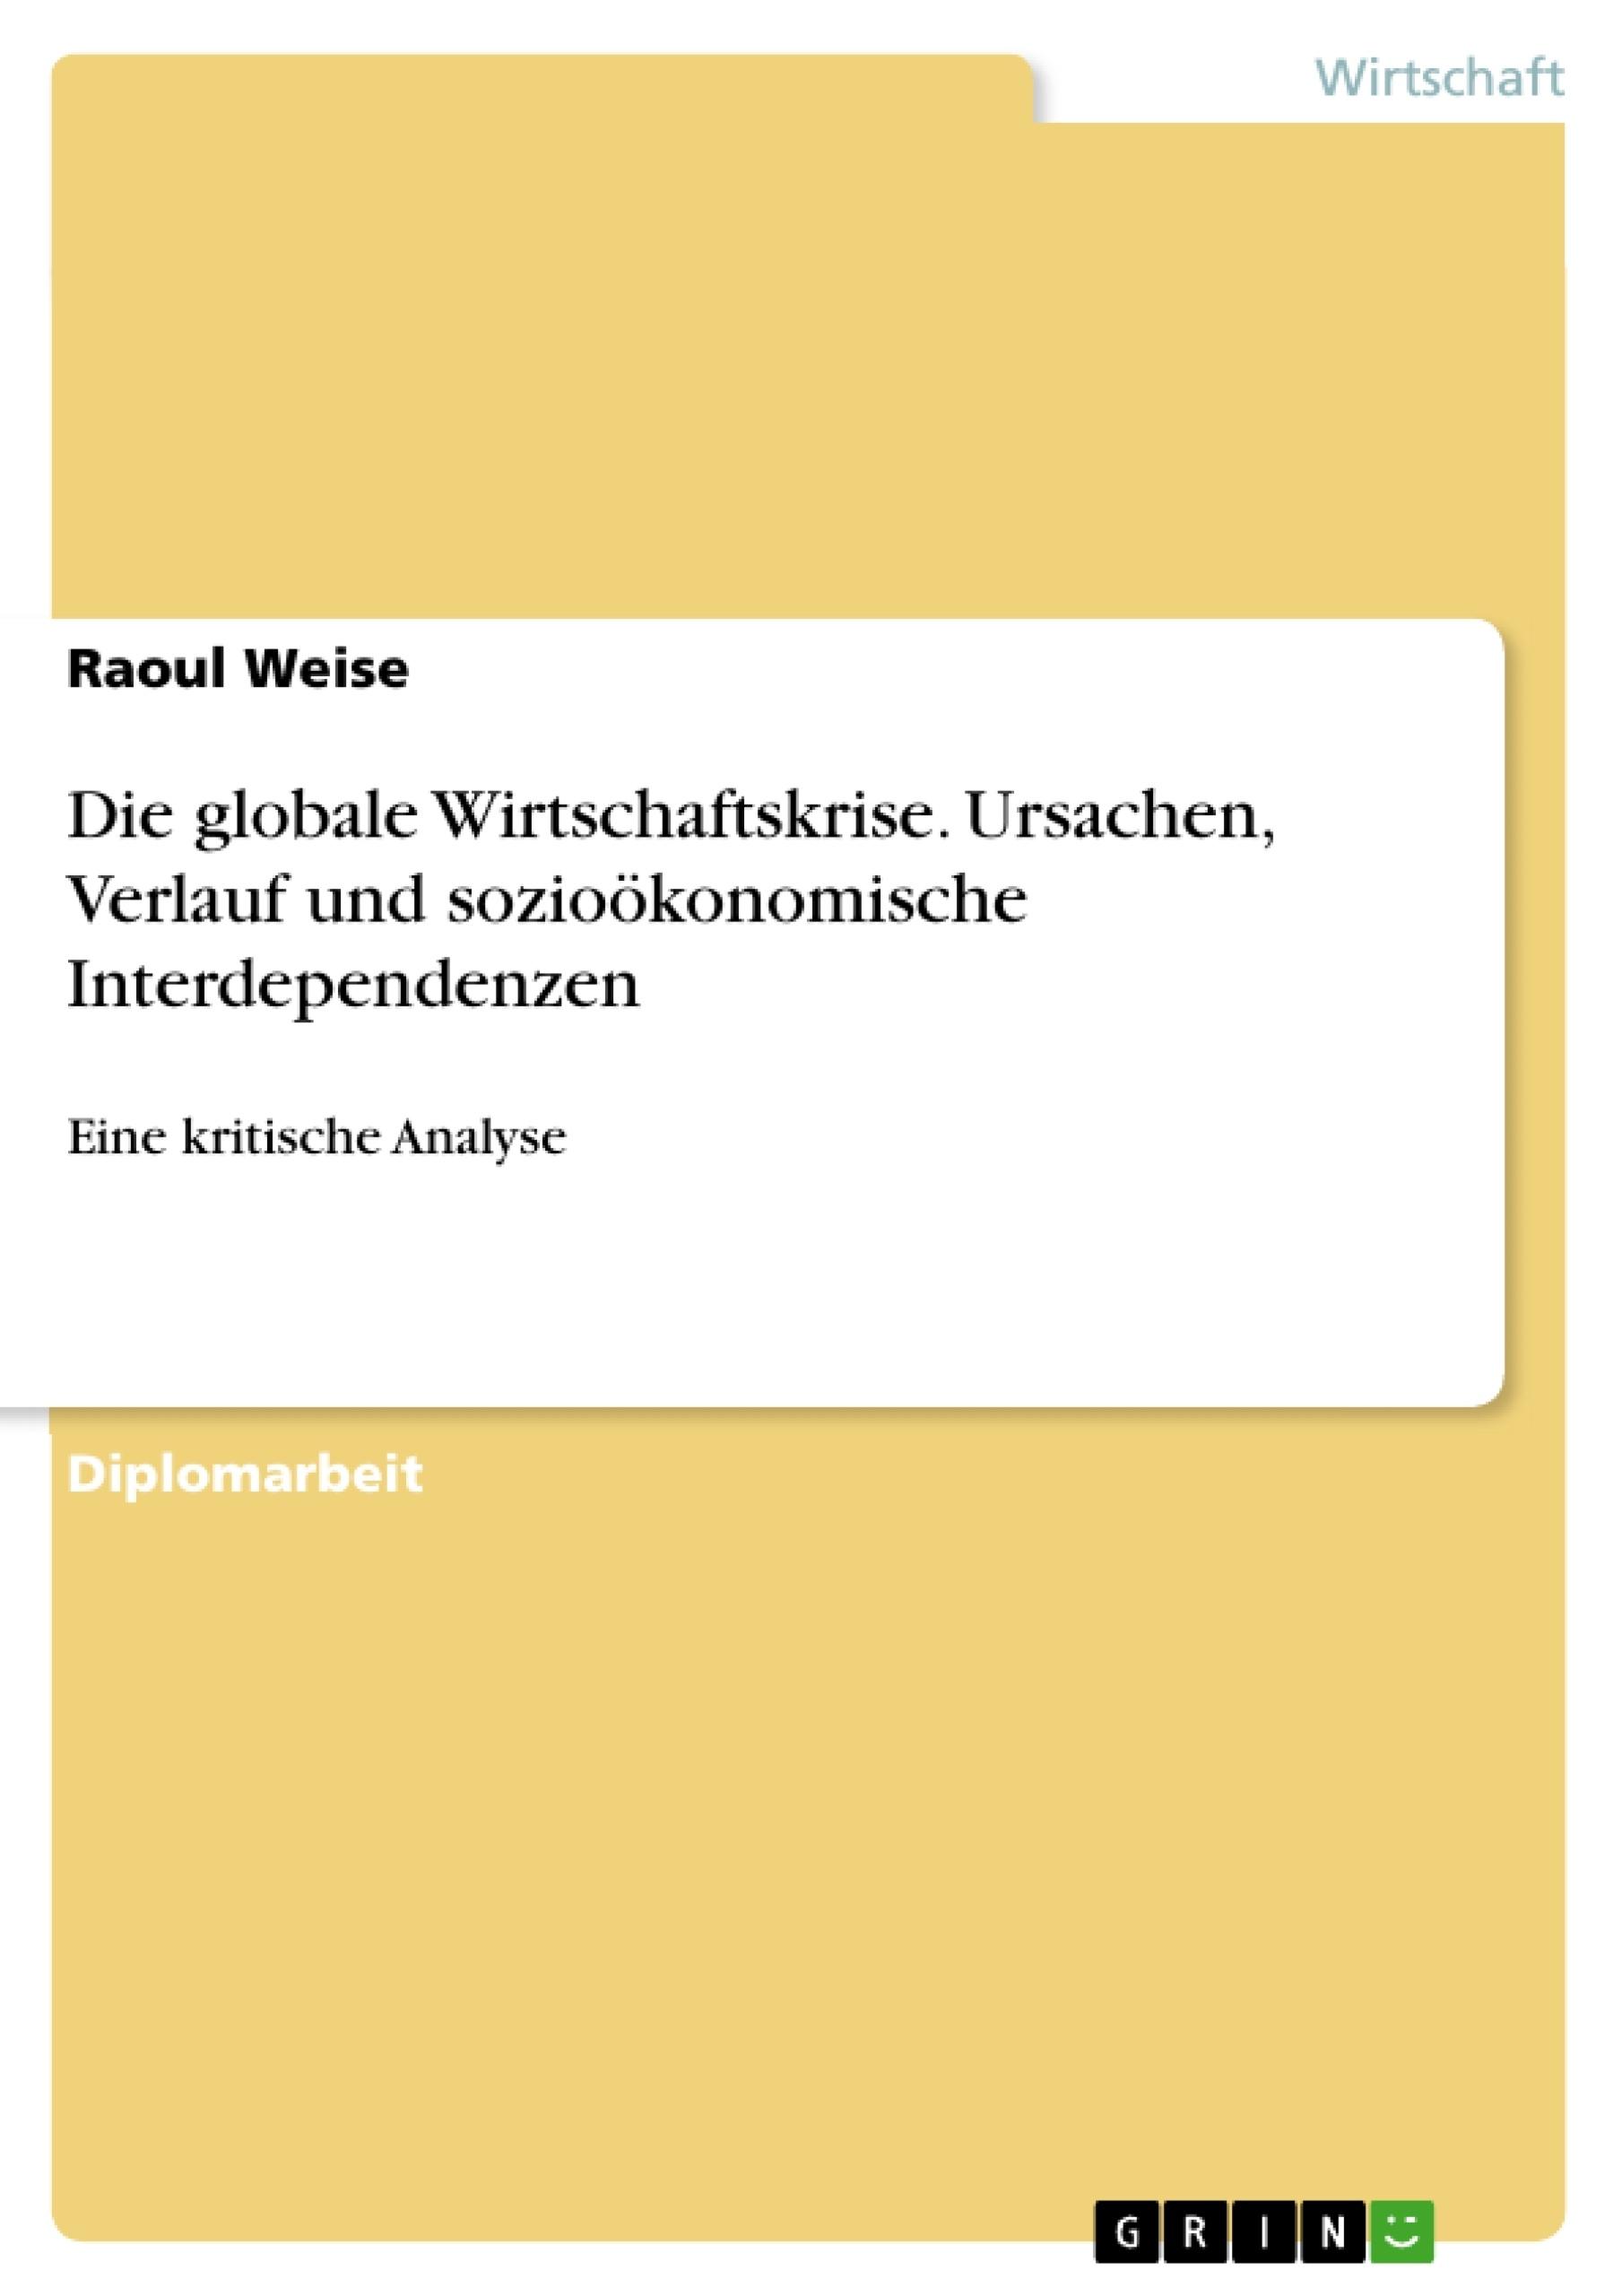 Titel: Die globale Wirtschaftskrise. Ursachen, Verlauf und sozioökonomische Interdependenzen